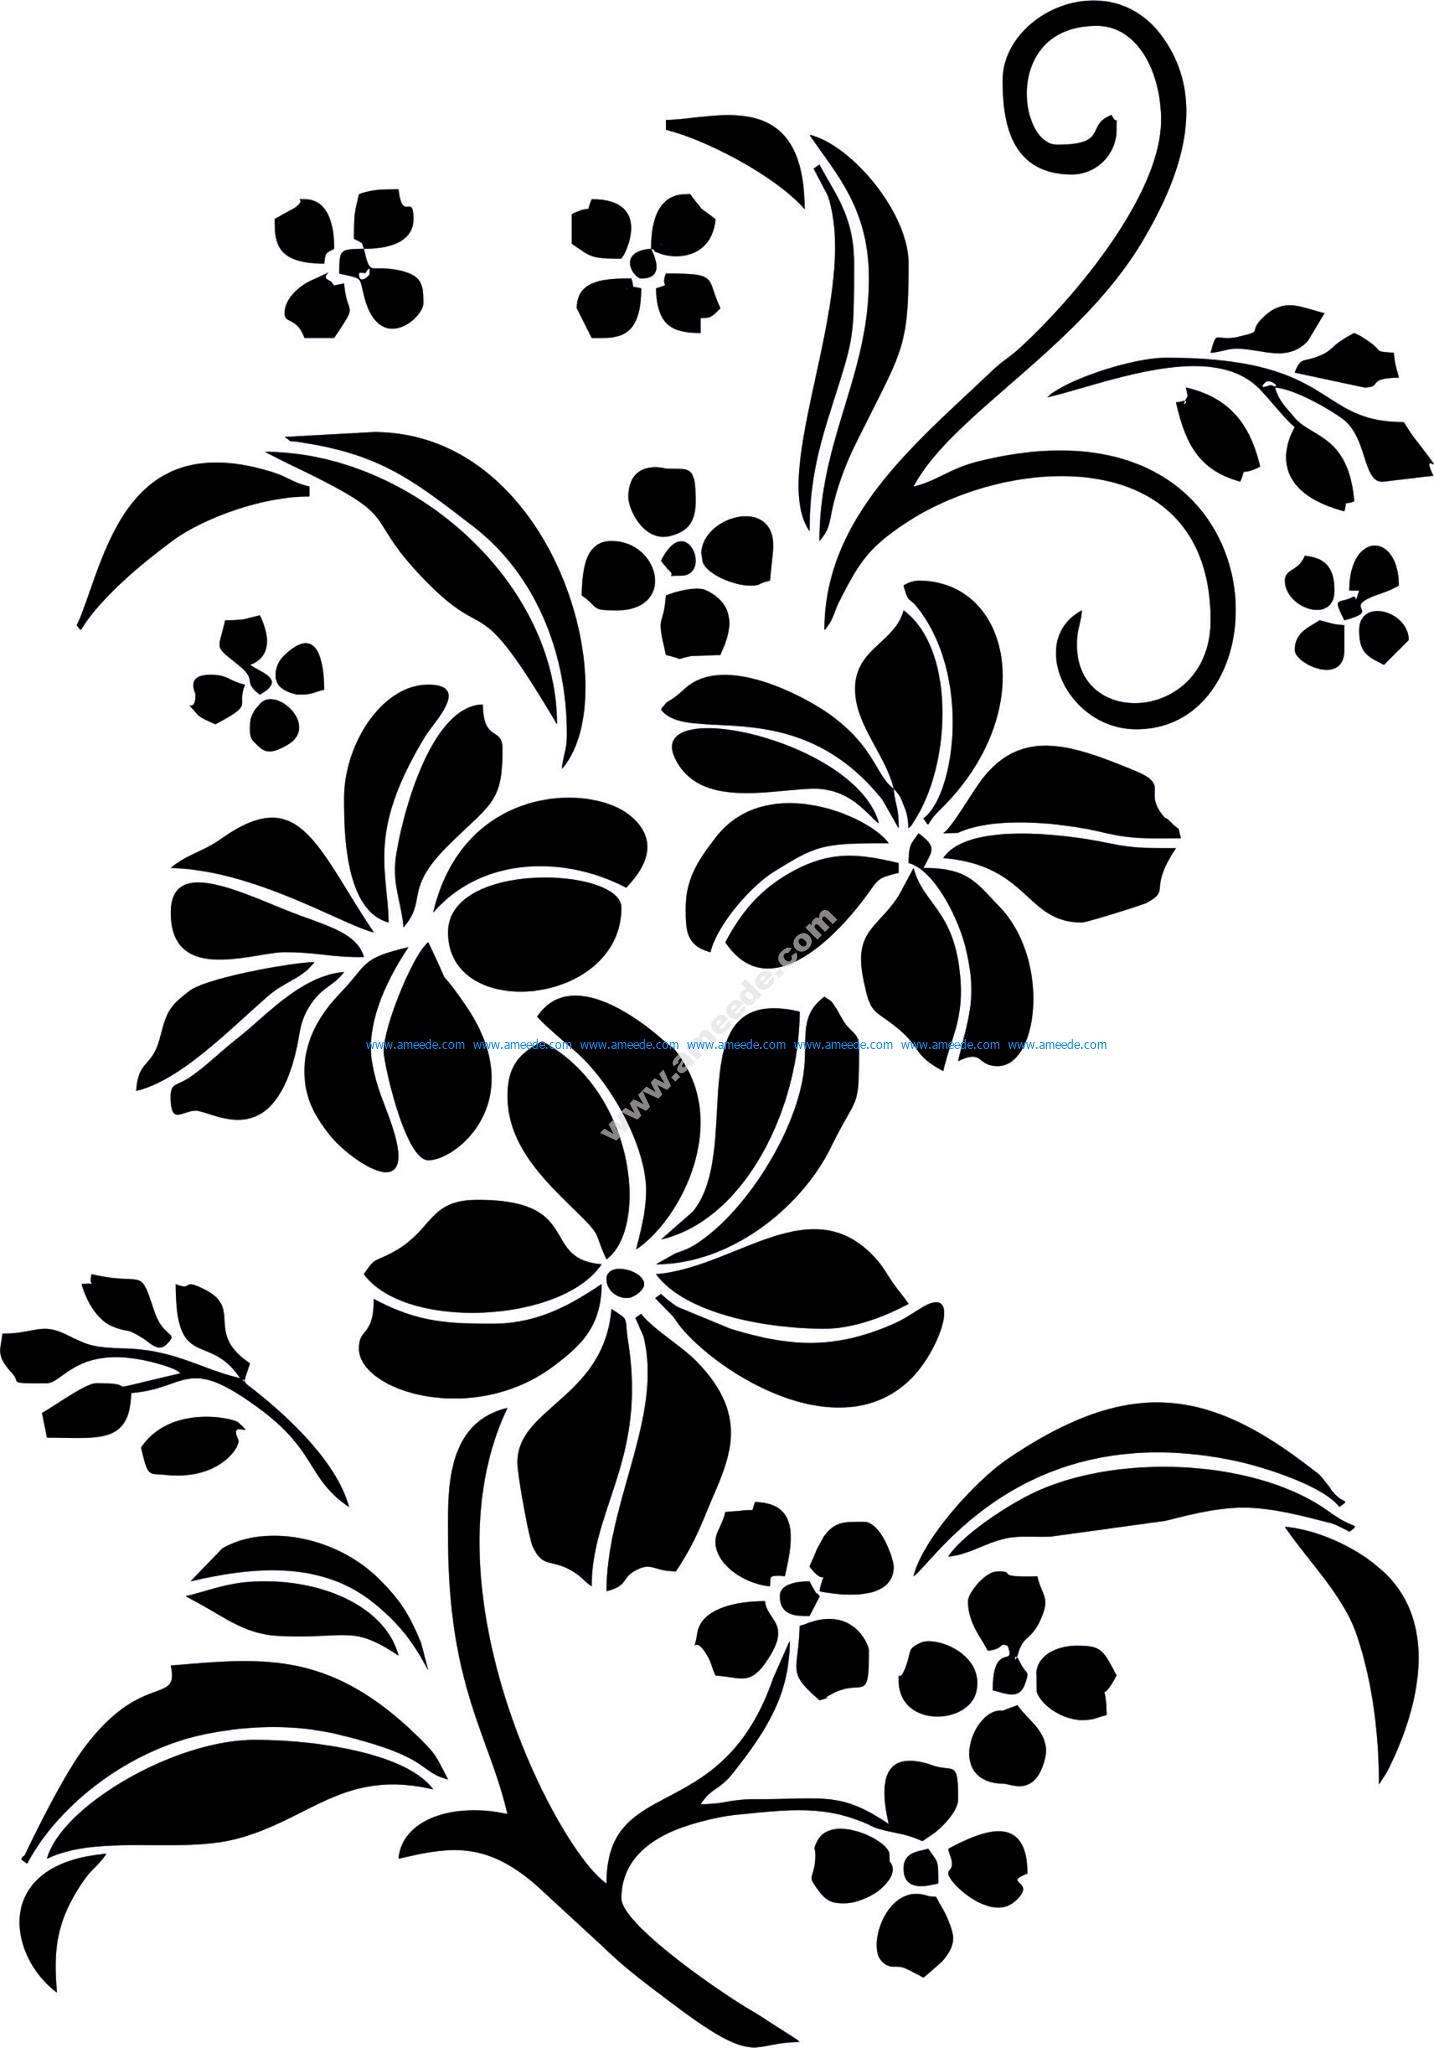 decorative floral ornament vector art jpg download free vector